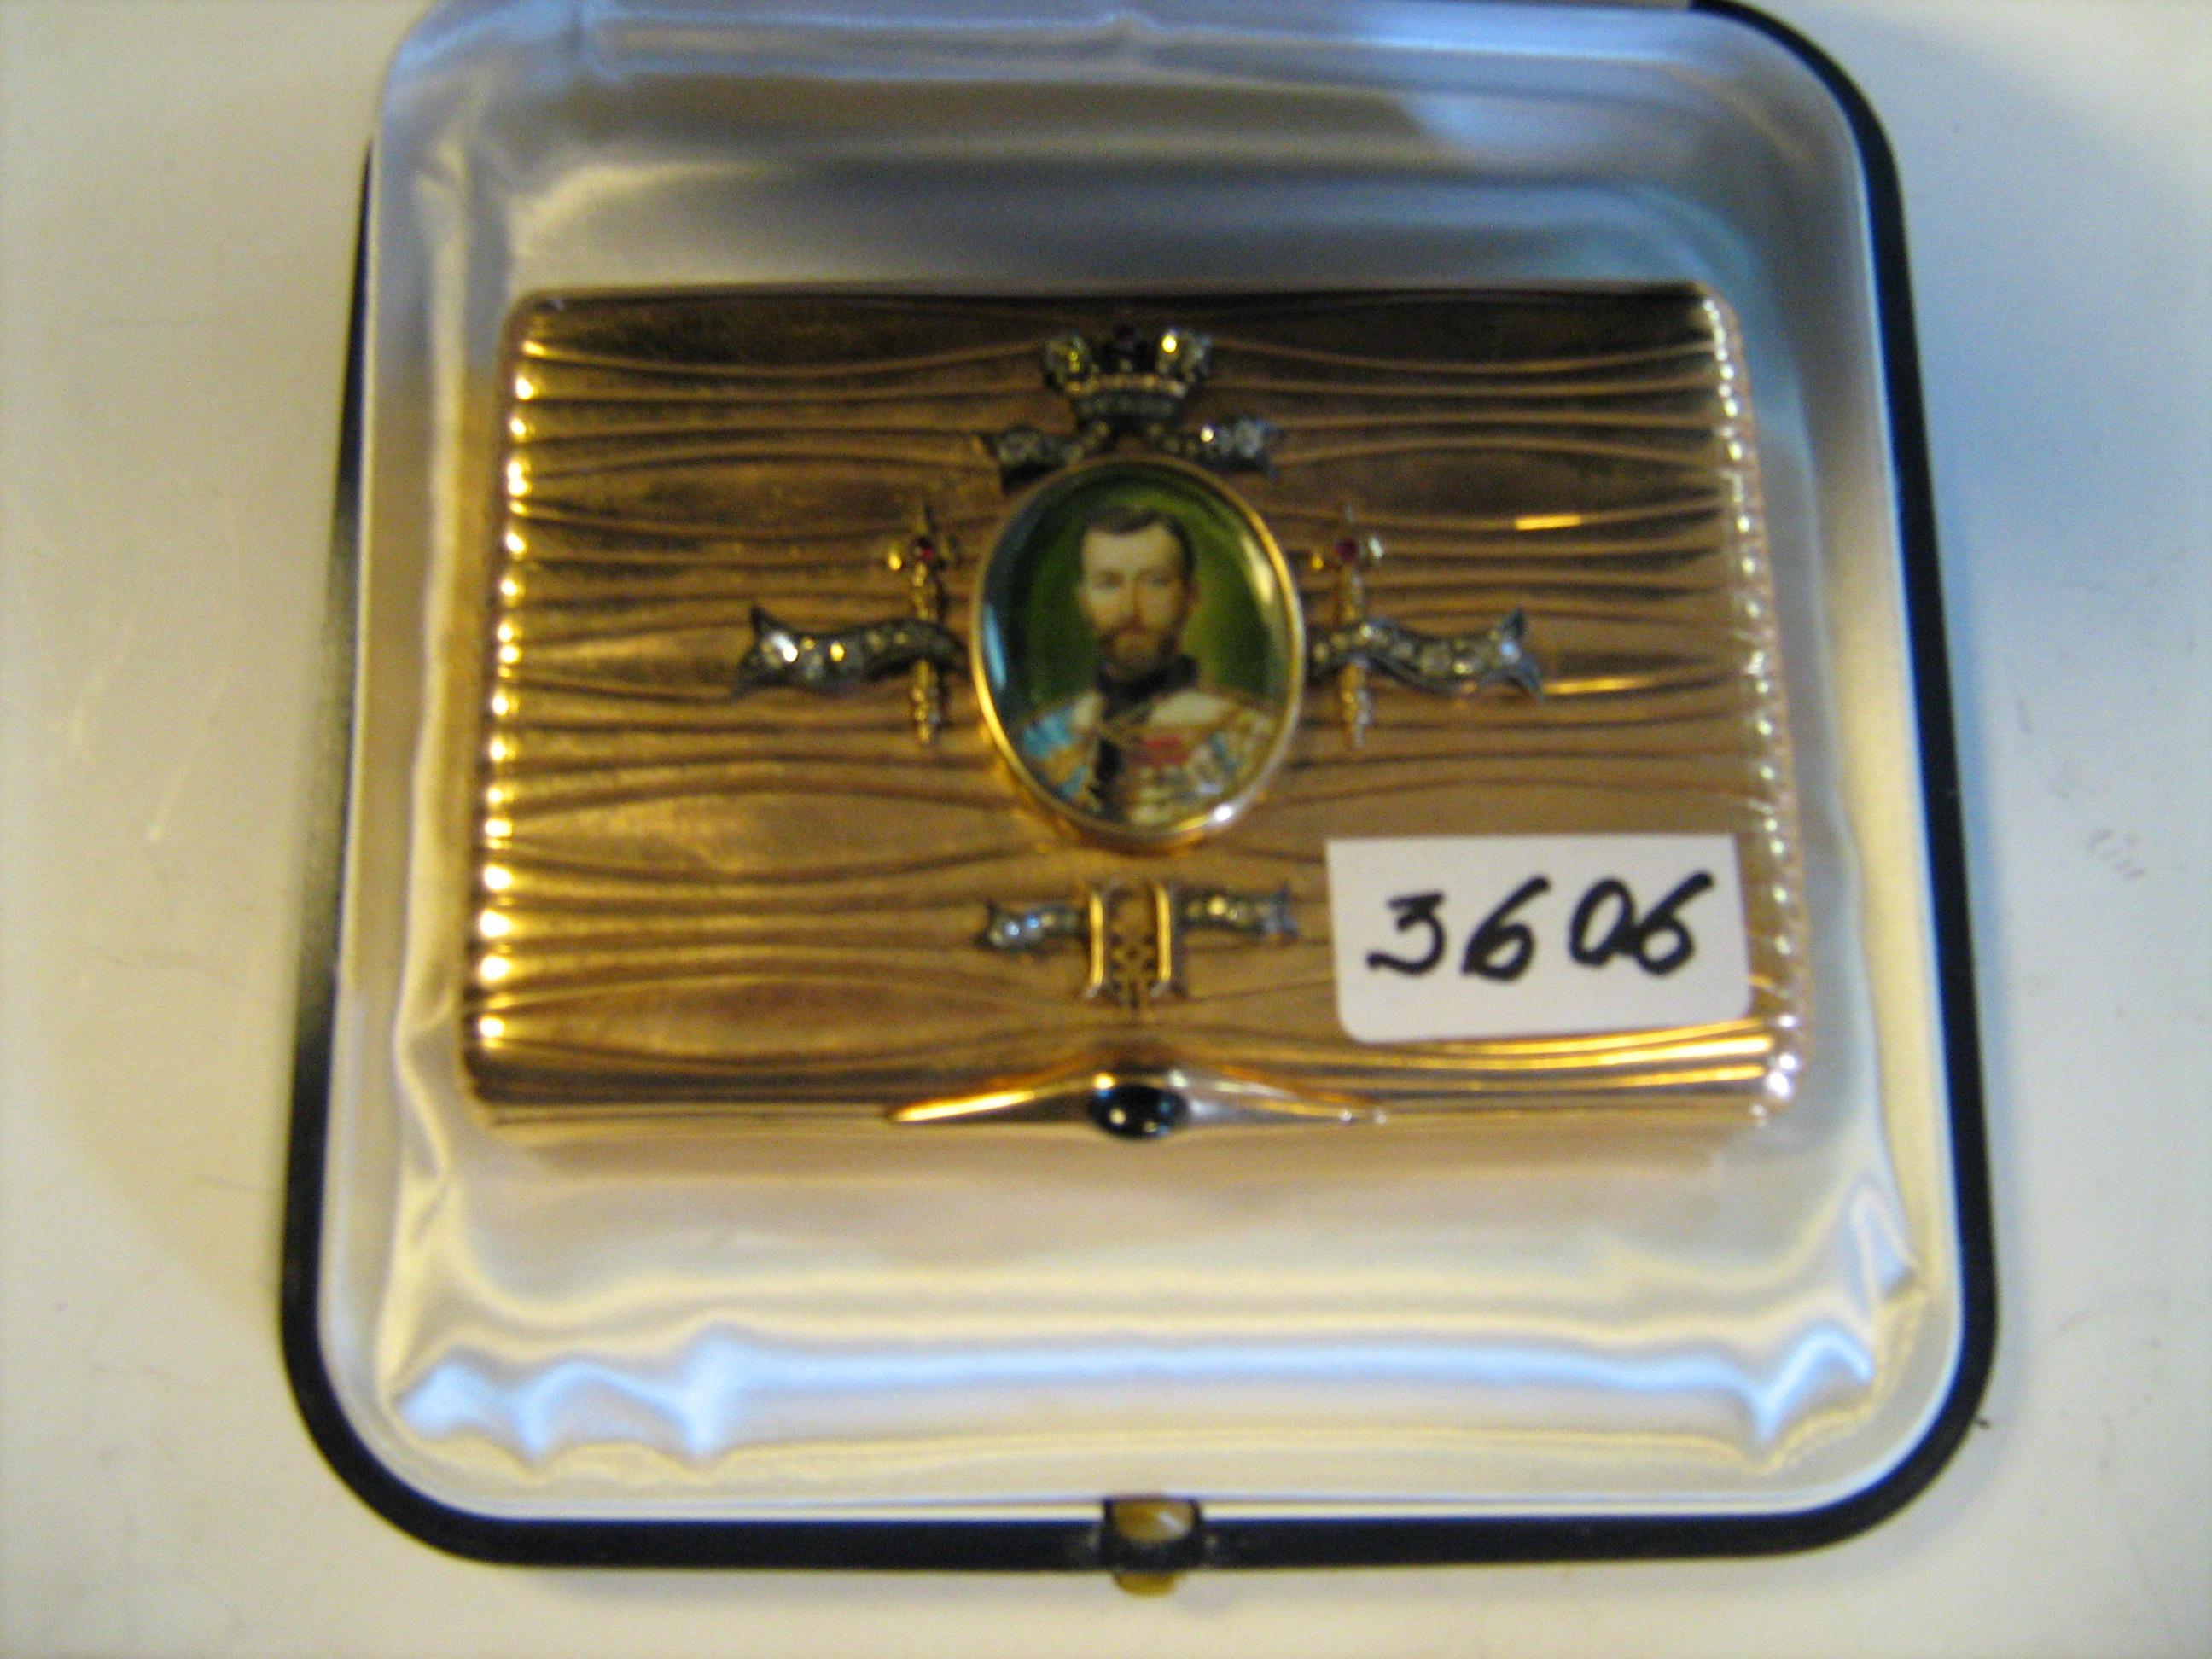 Портсигар виготовлений  із золота 56 проби з портретом Миколи ІІ, прикрашений діамантами, рубінами, сапфіром. Майстер NG - Габріель Ньюканен, який працював у фірмі К.Фаберже з 1898 р. , інв.№ 3606